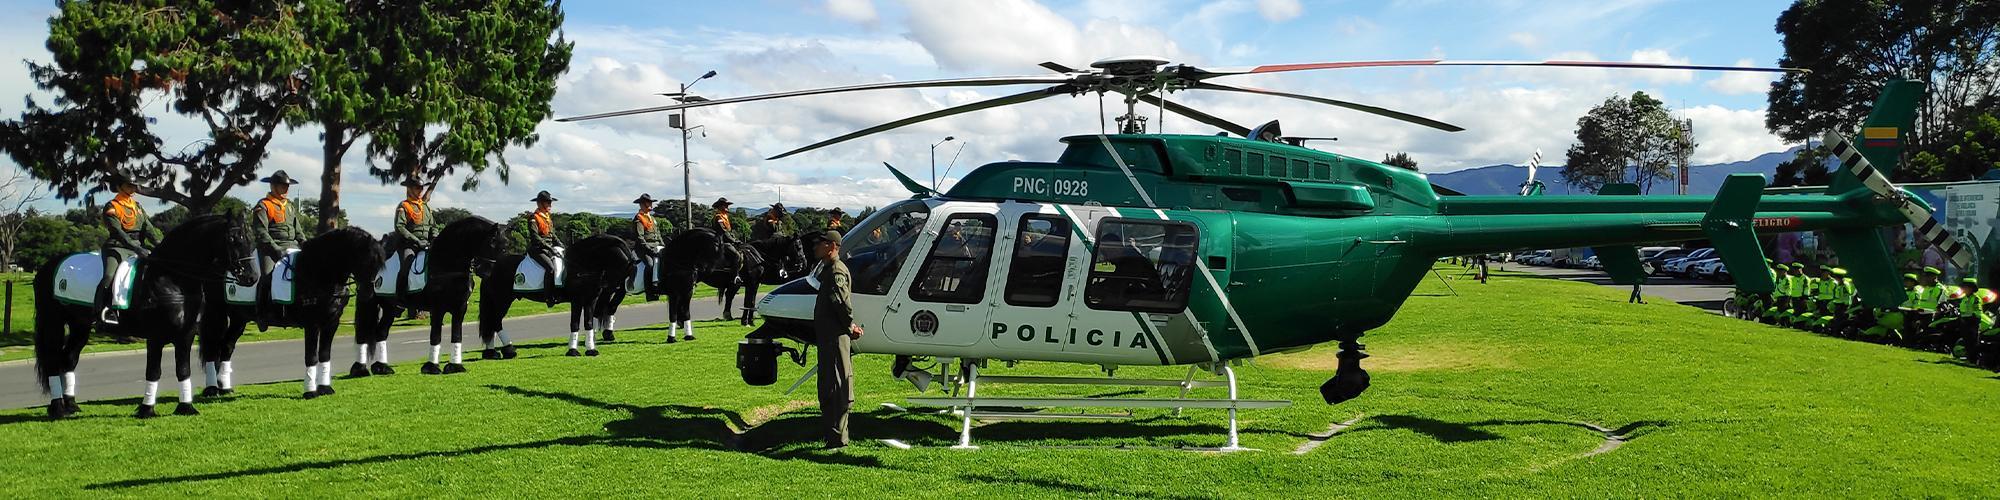 navidad-policia-2019